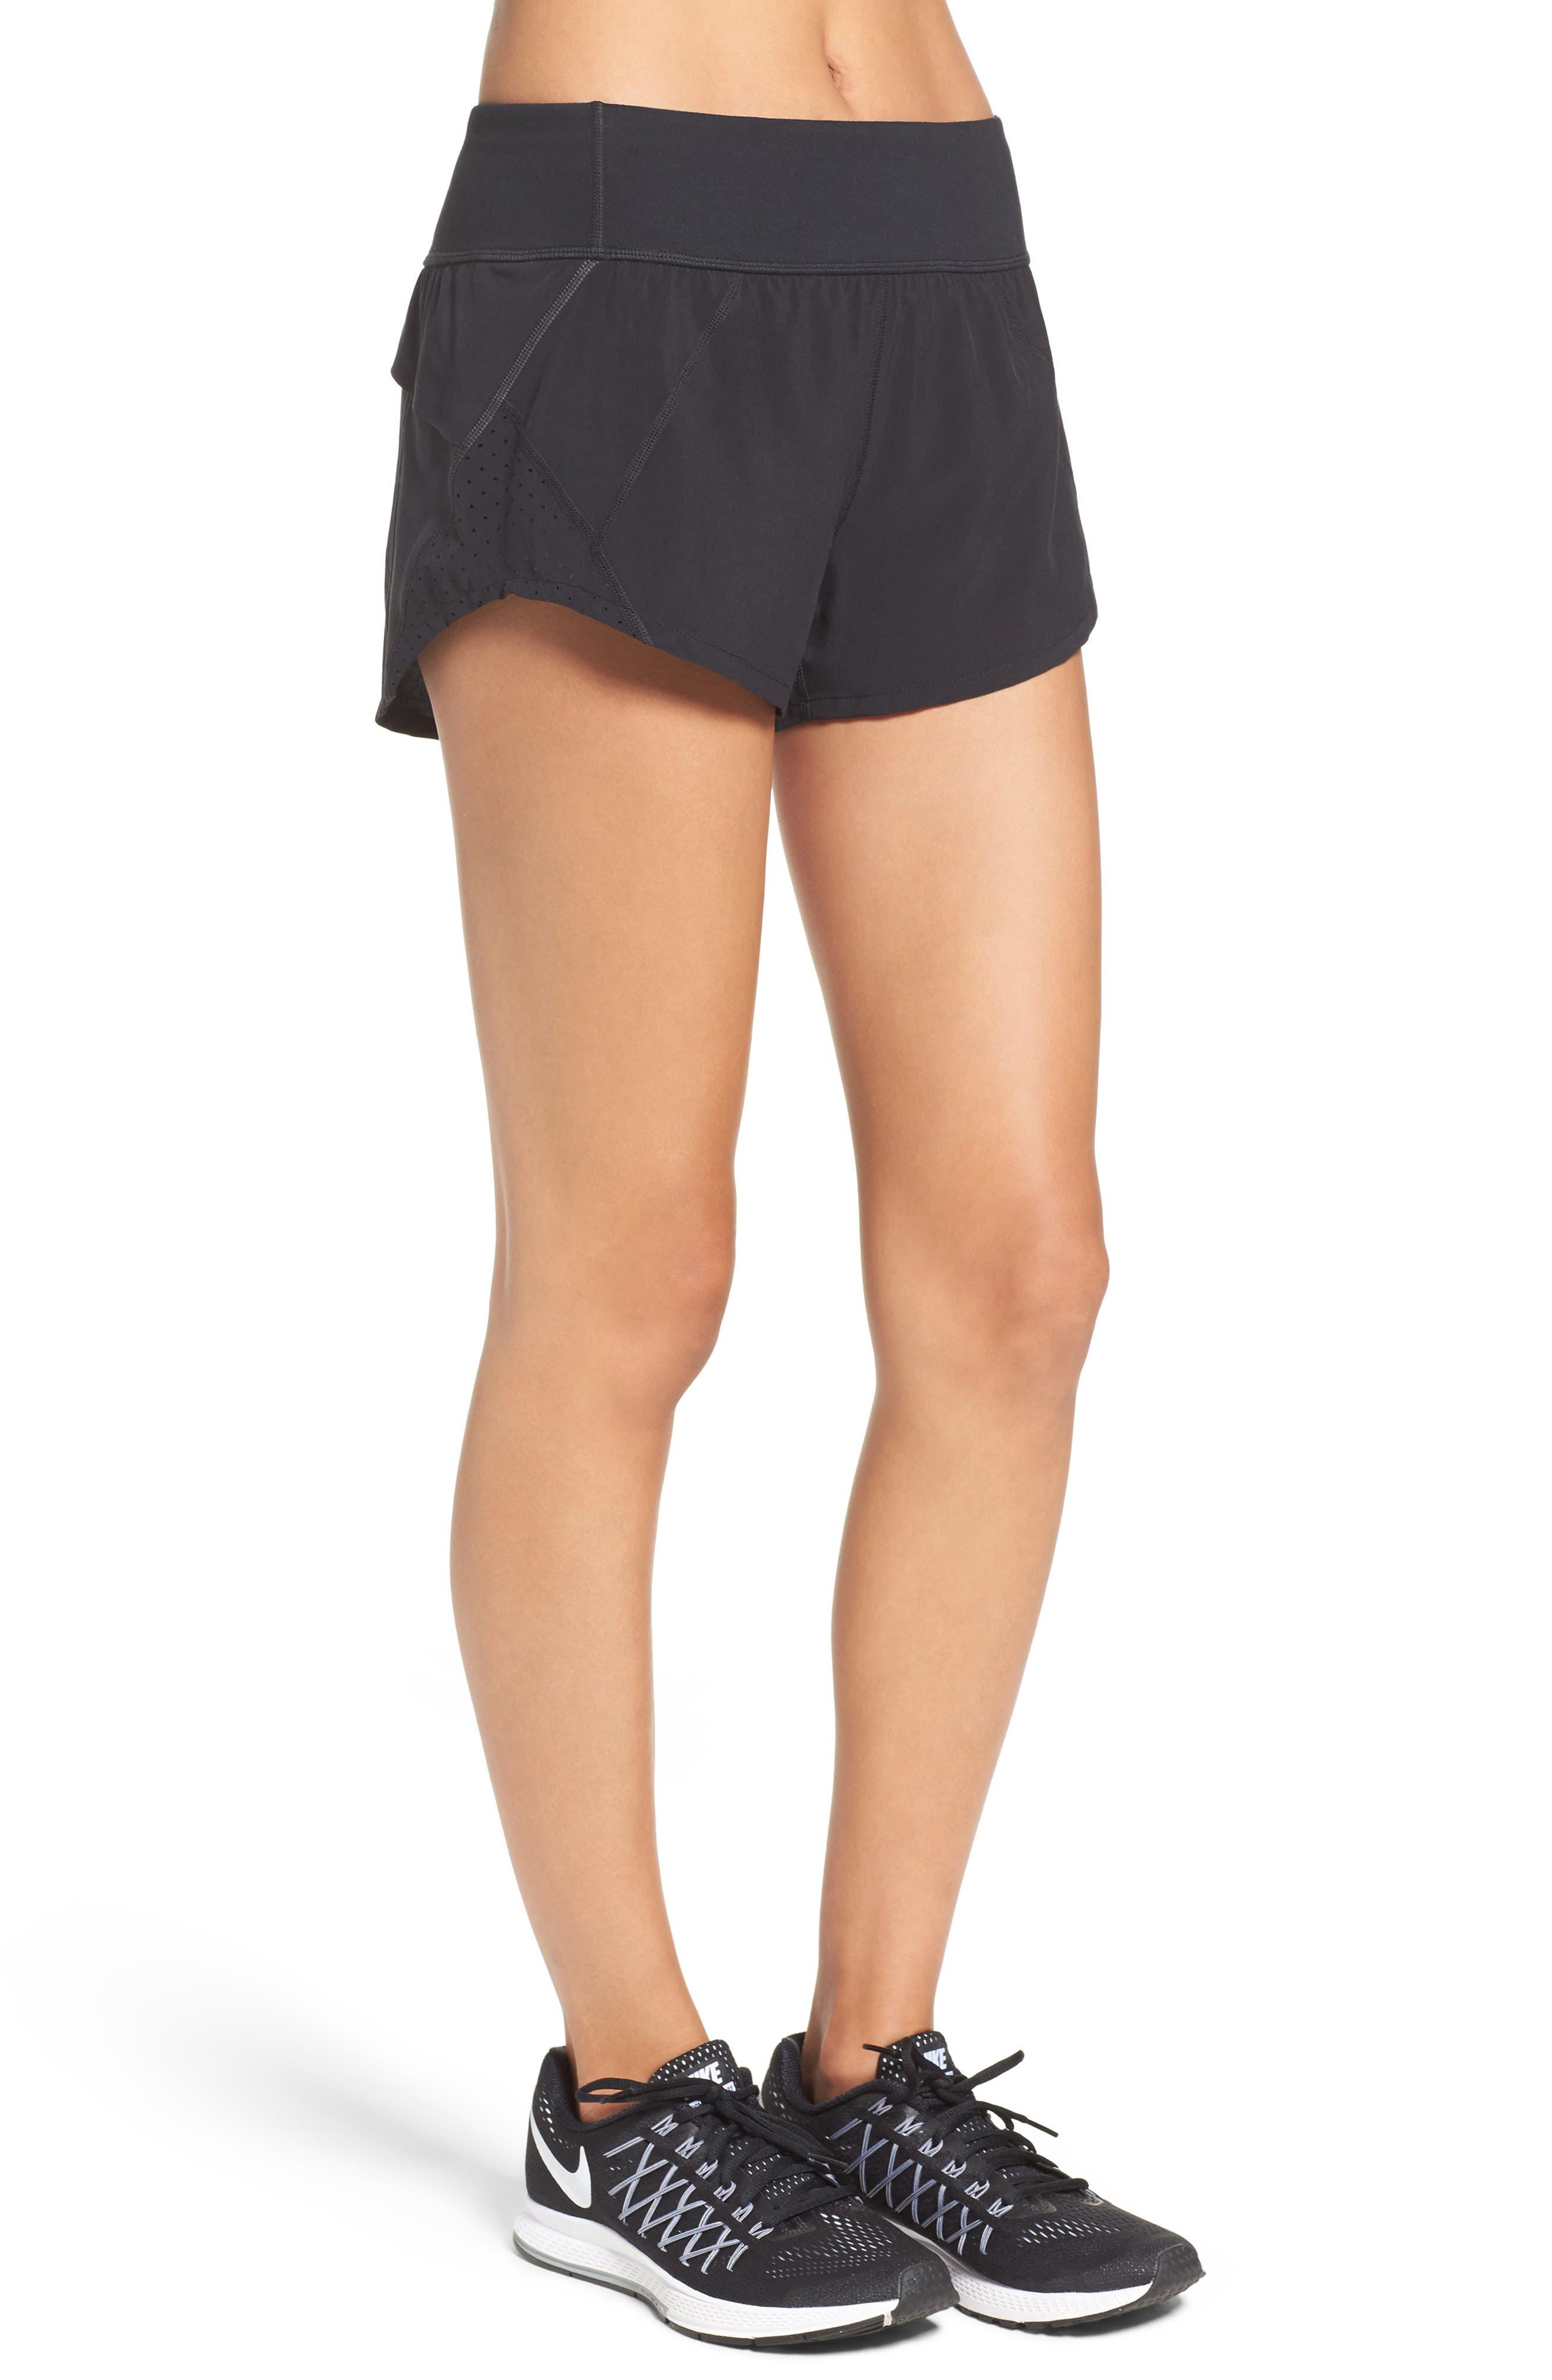 Runaround Compact Shorts,                             Alternate thumbnail 3, color,                             001